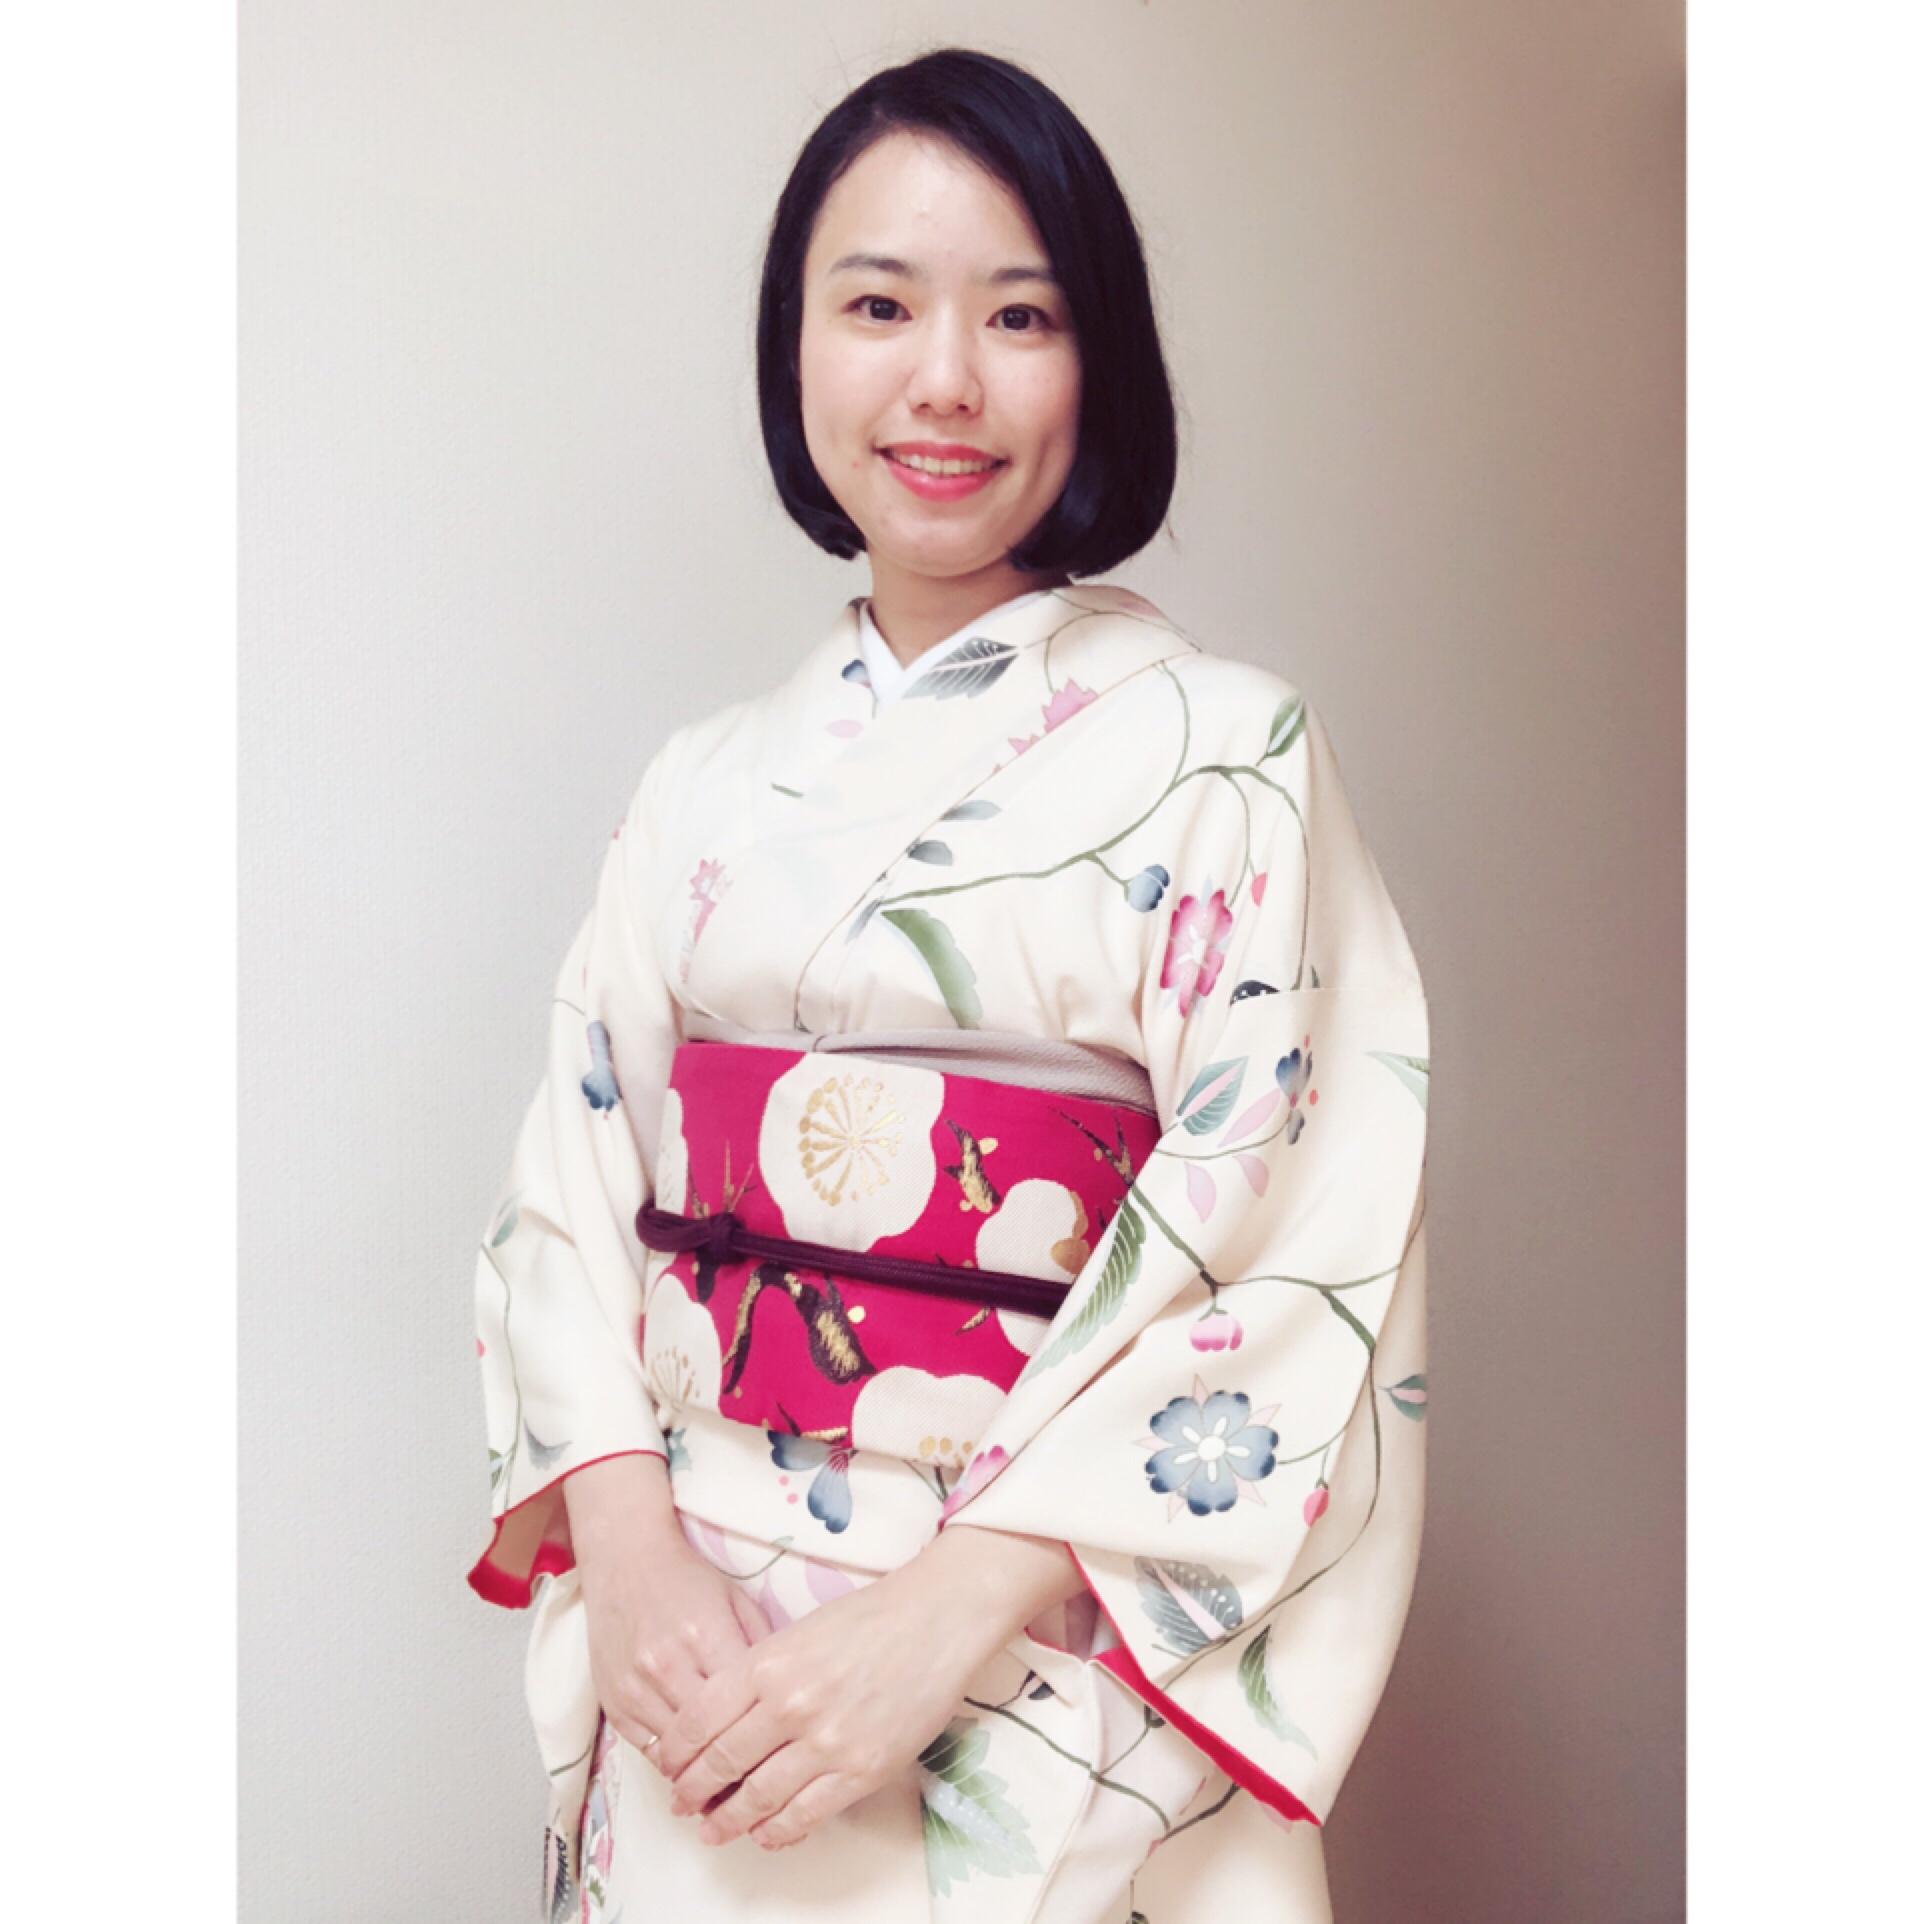 そういえば着物と帯のどちらかに花柄を持ってくる癖がある【大阪京橋の着付け教室きものたまより】